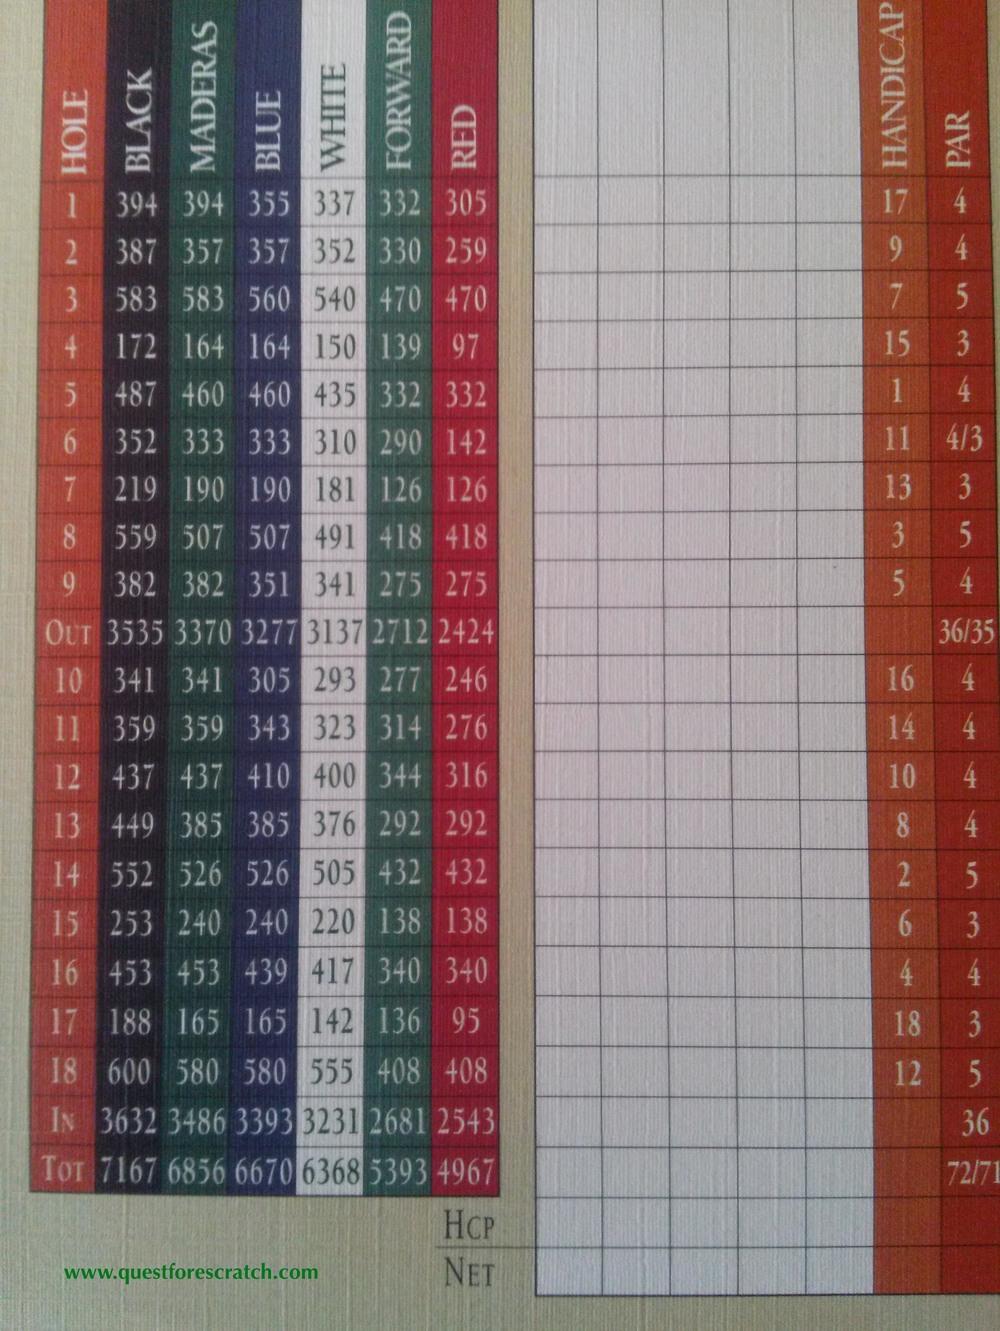 ScoreCardMaderas.jpg